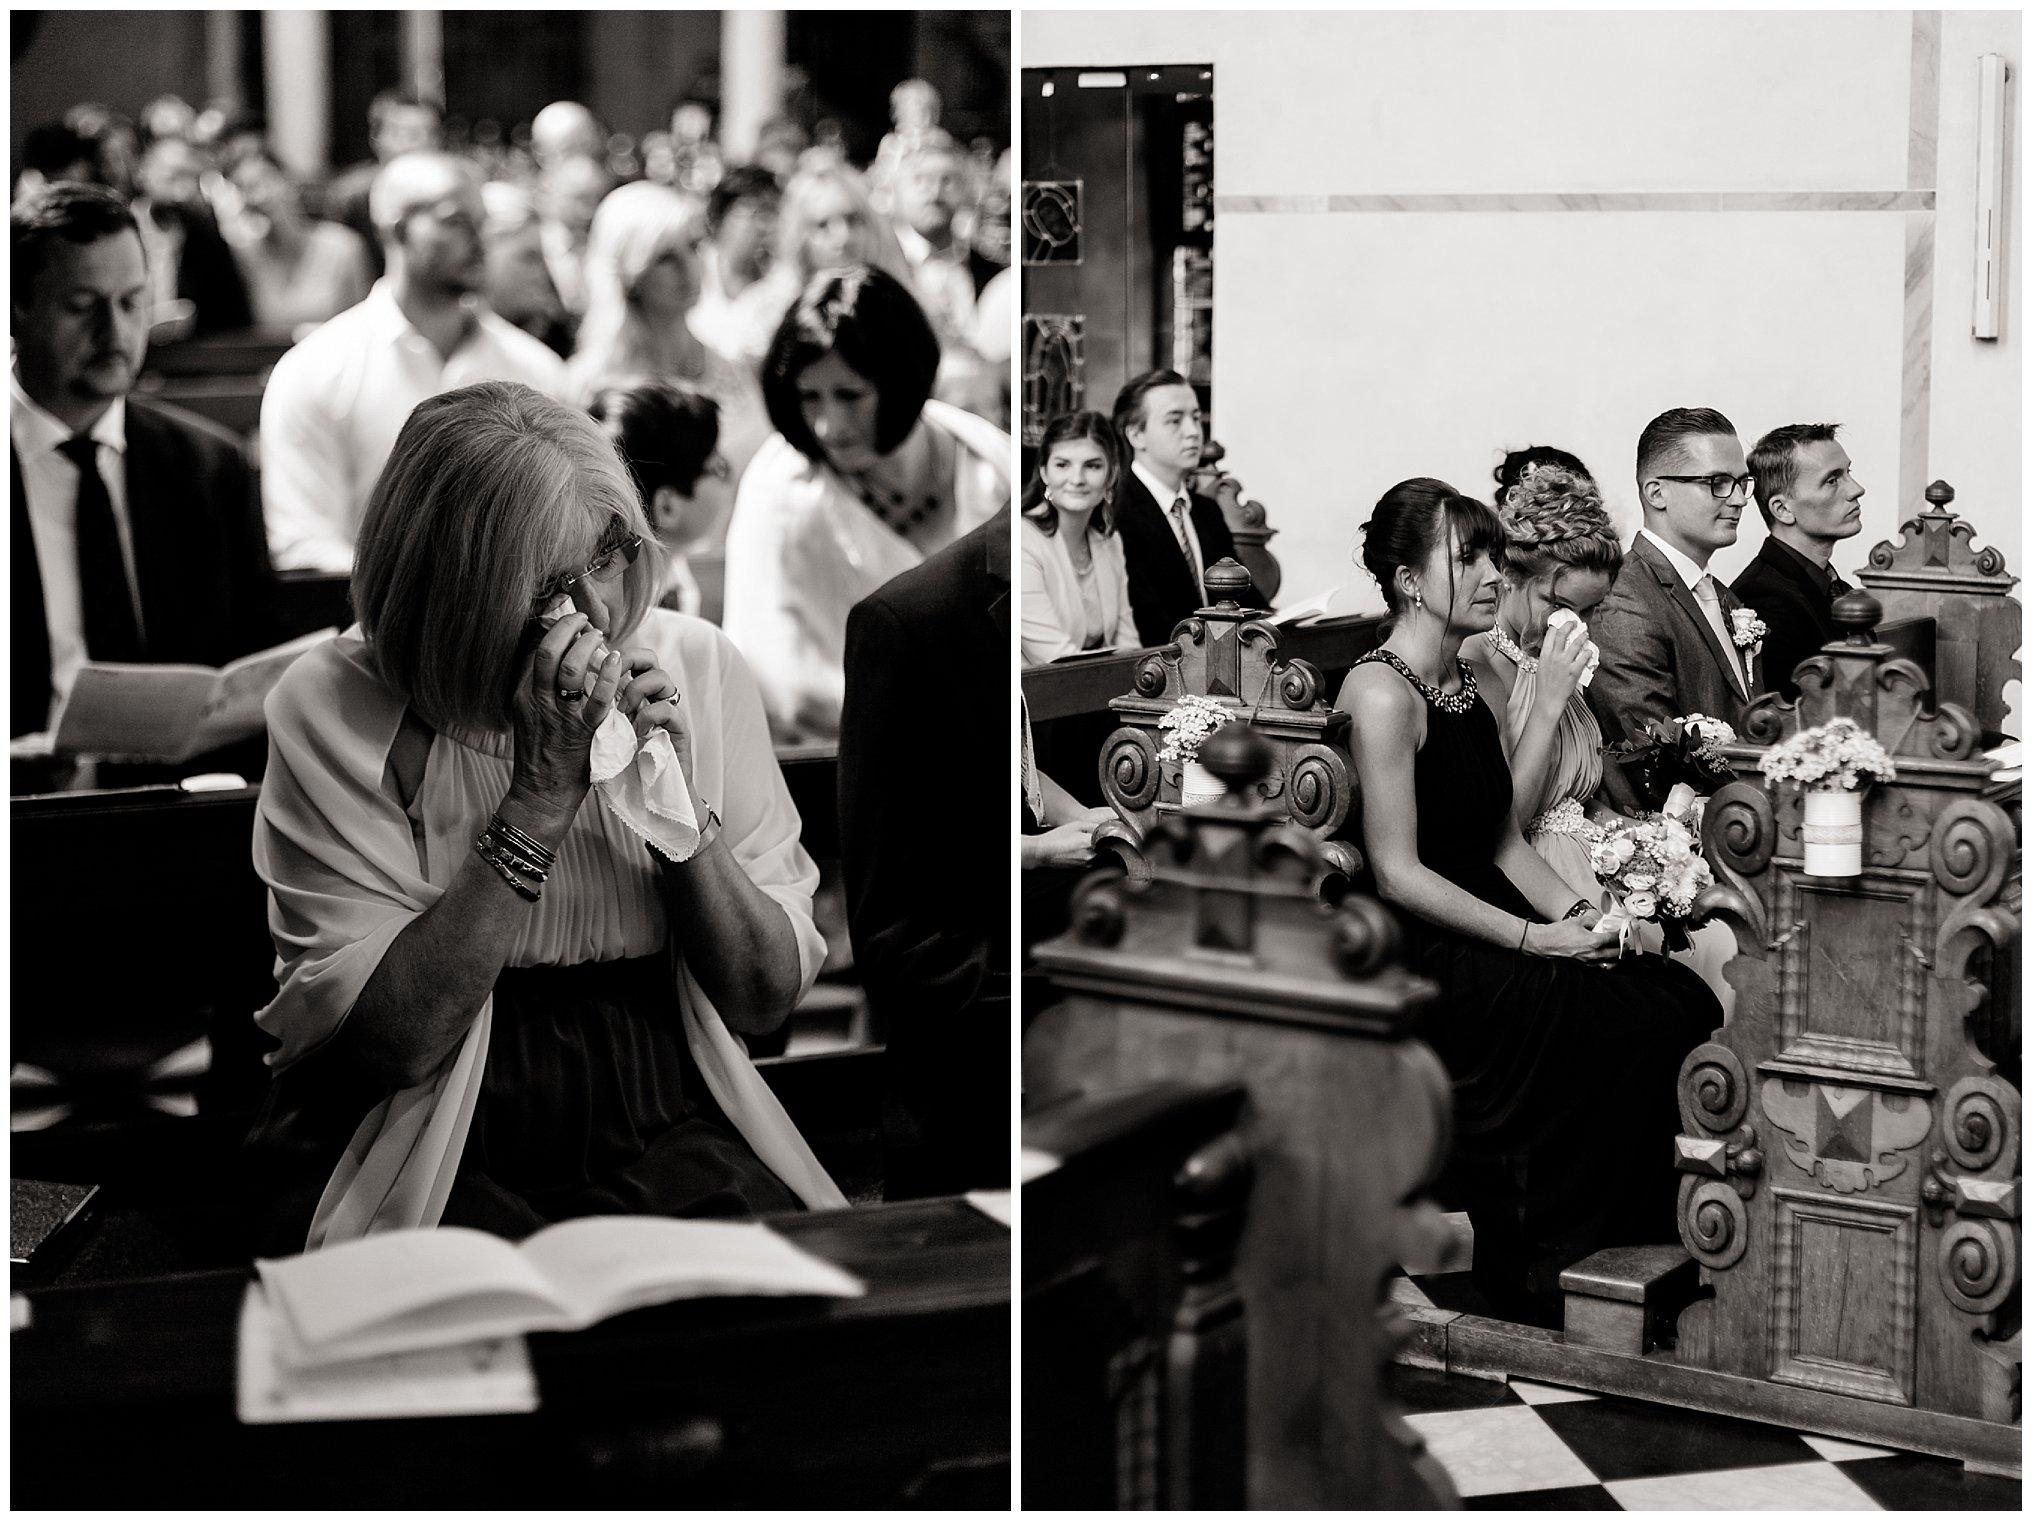 Freudentränen in Kirche Golfhotel Vesper Hochzeit Sprockhövel Hochzeitsfotograf Jane Weber boho chic vintage fine art